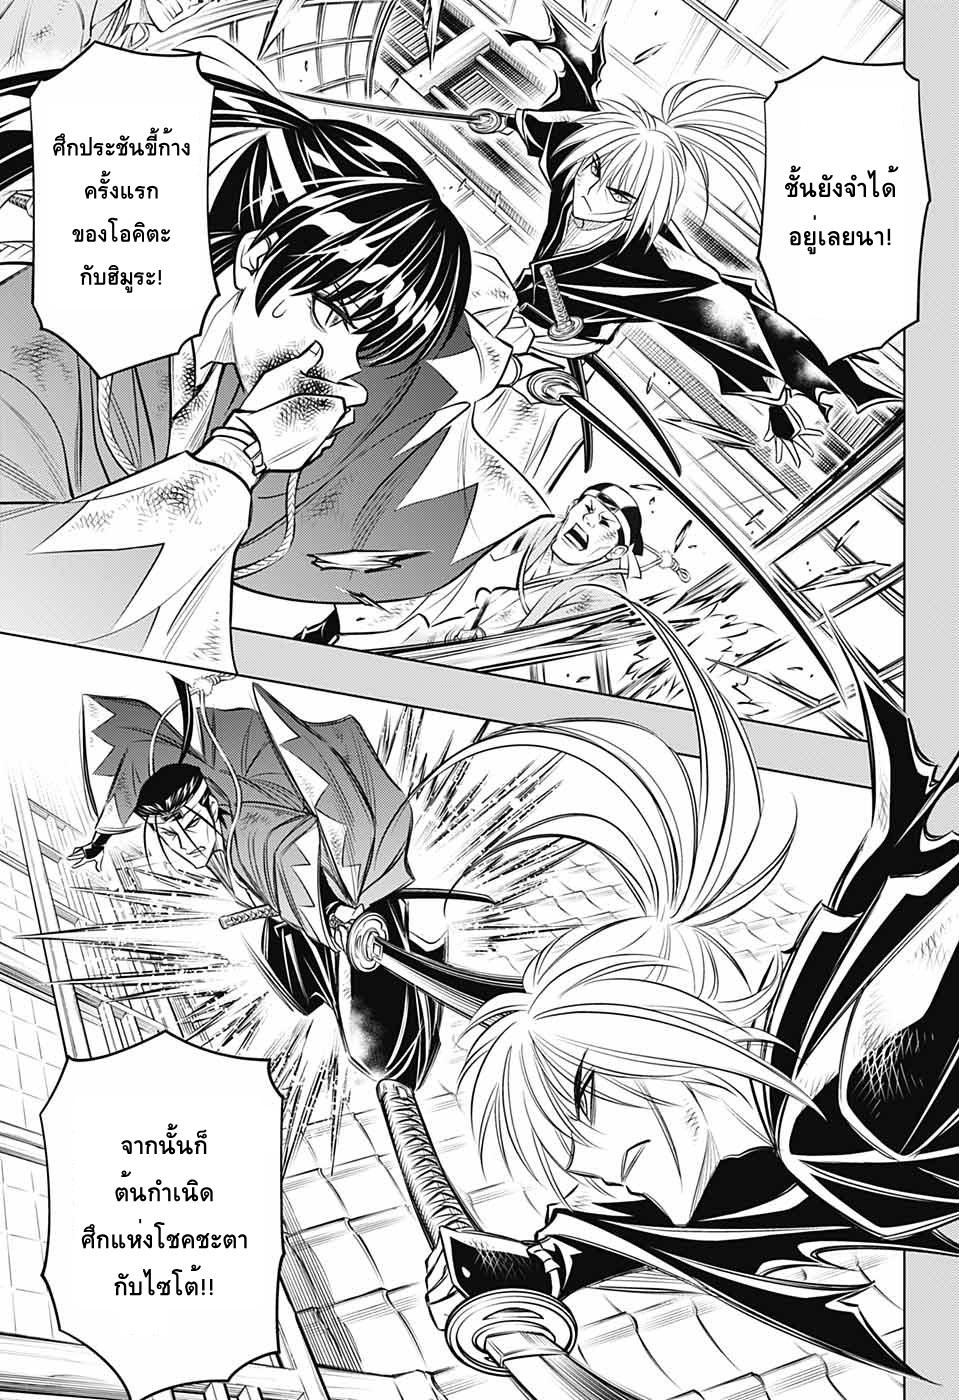 อ่านการ์ตูน Rurouni Kenshin: Hokkaido Arc ตอนที่ 15 หน้าที่ 12